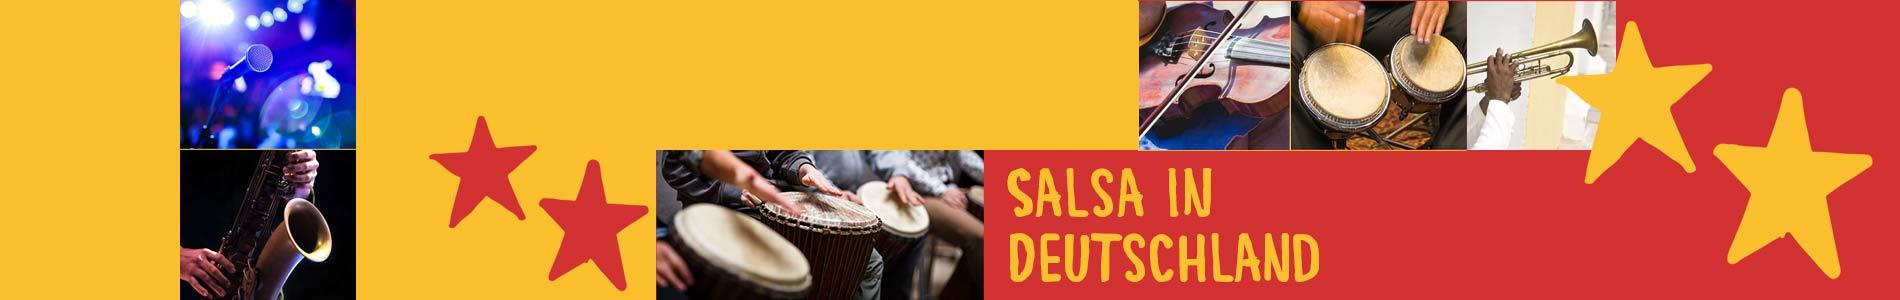 Salsa in Breuna – Salsa lernen und tanzen, Tanzkurse, Partys, Veranstaltungen